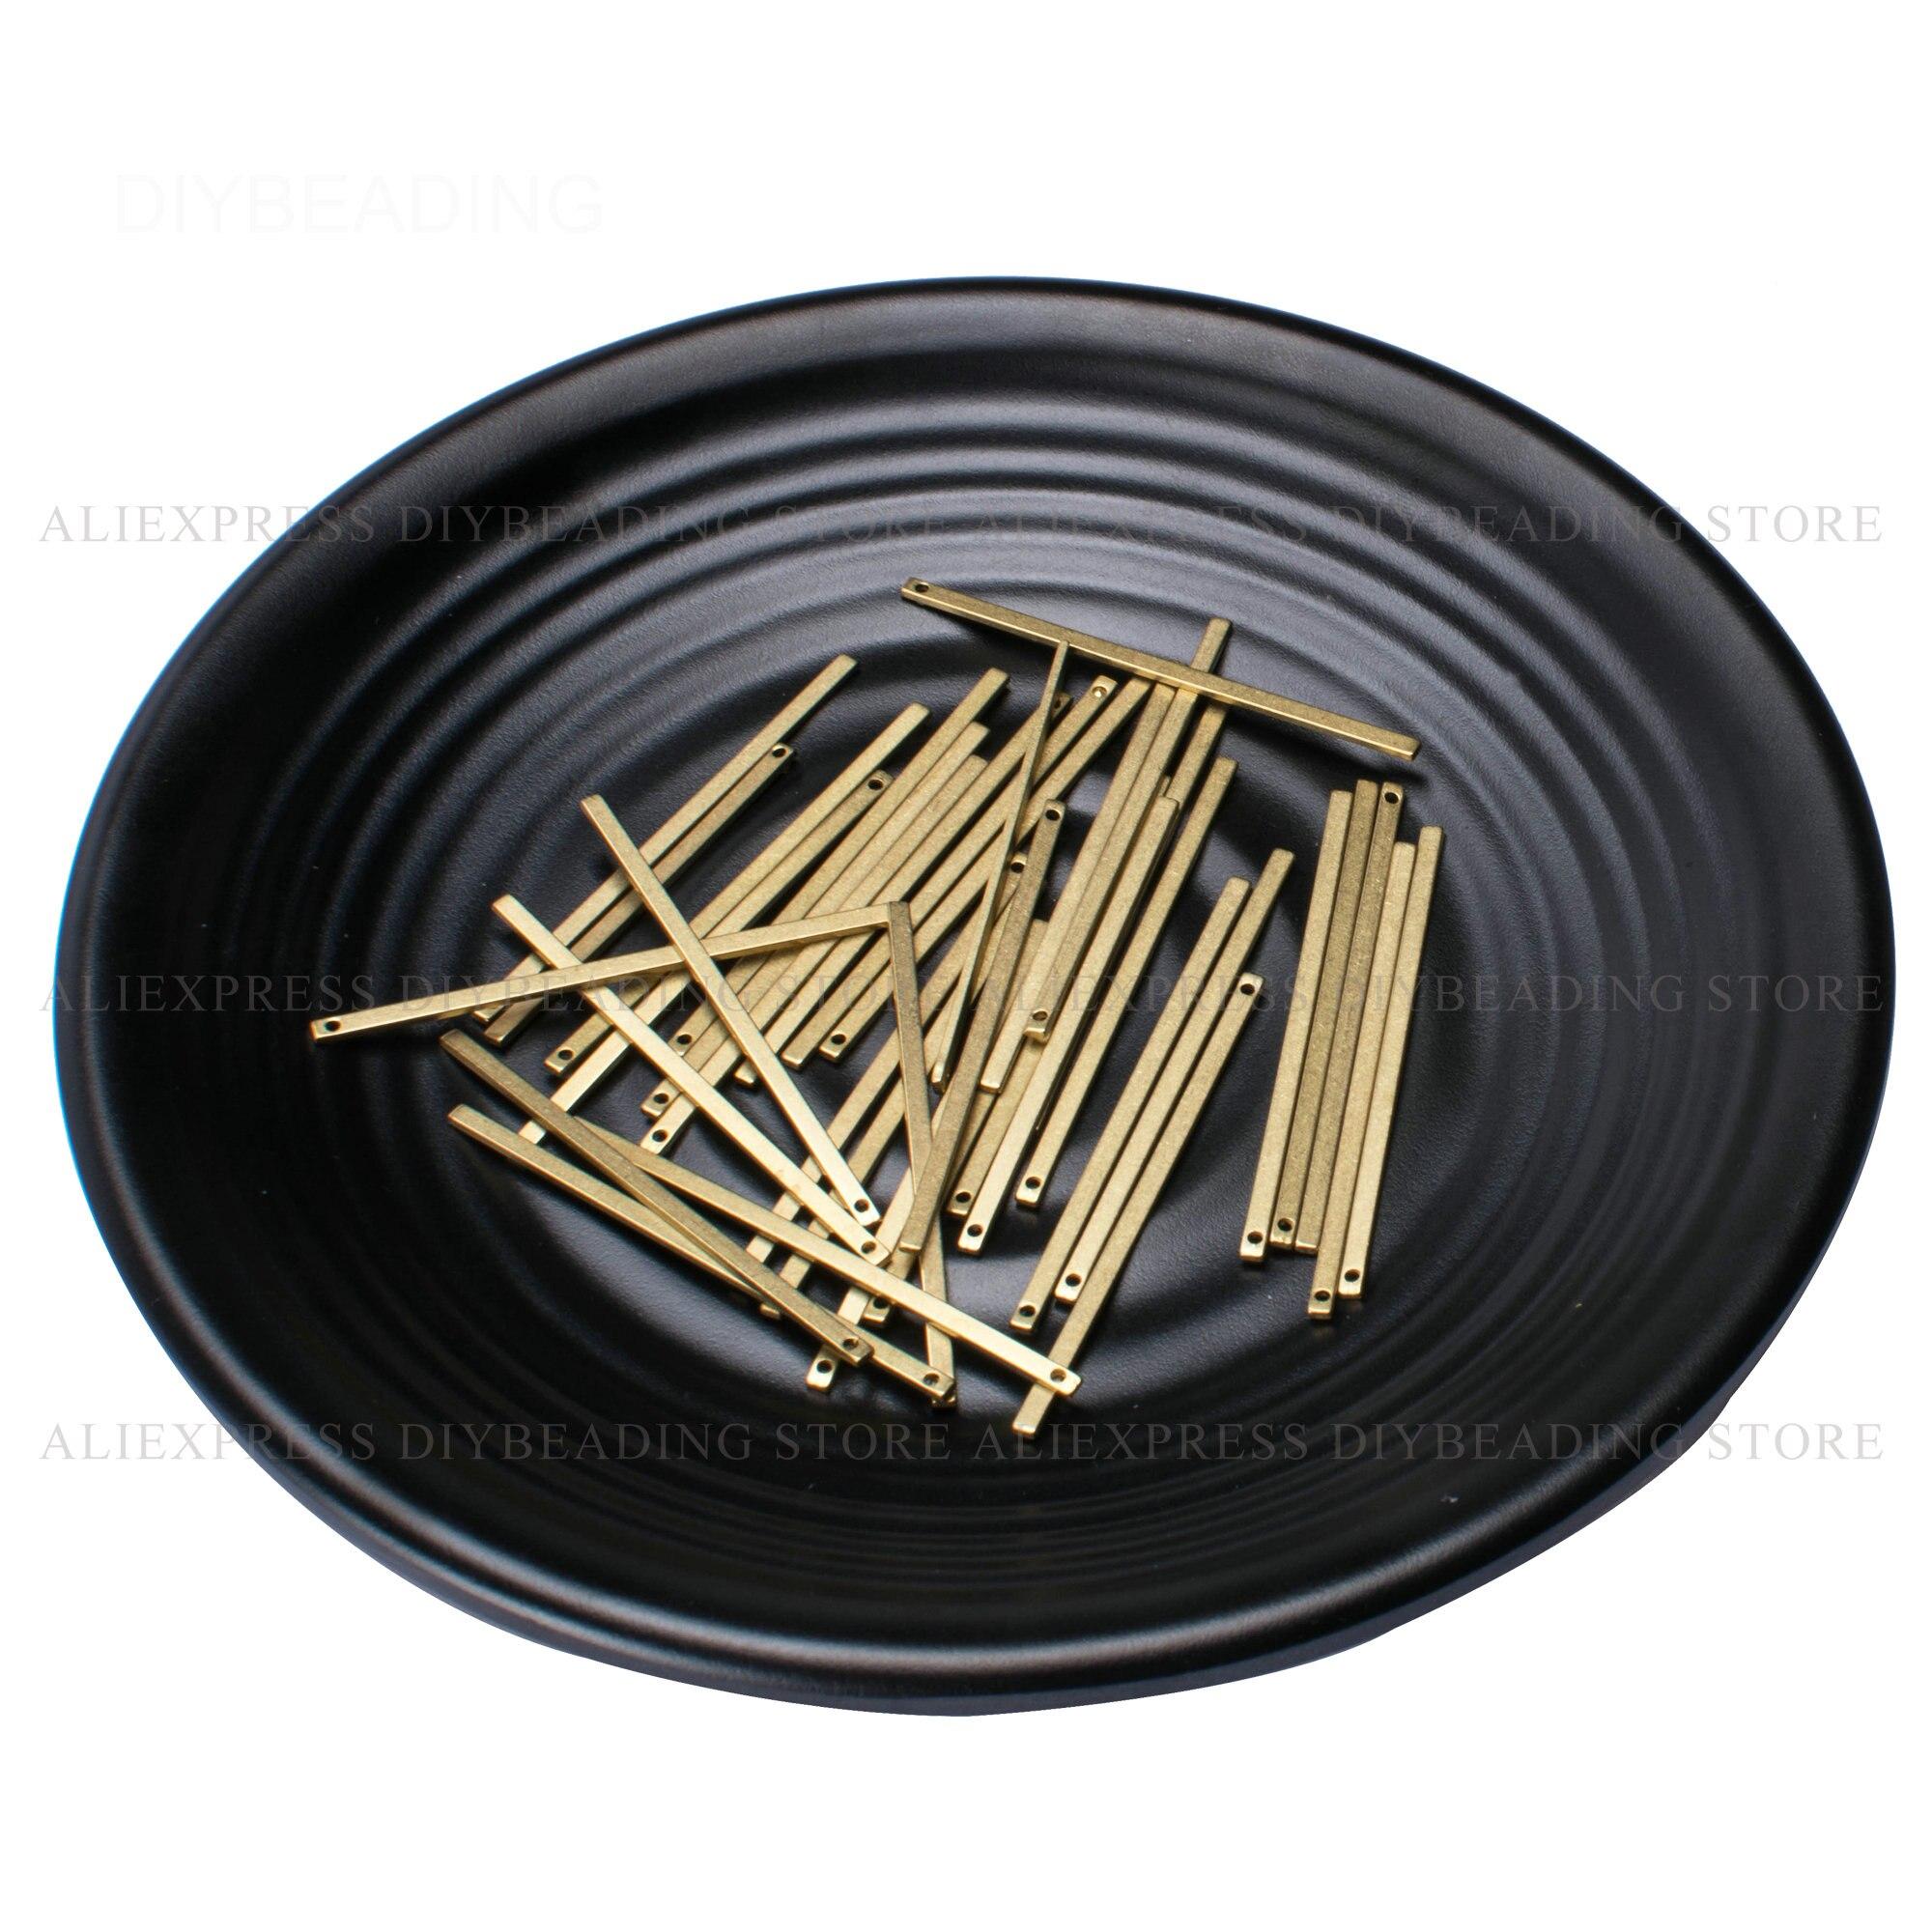 50-200 sztuk mosiądz prostokąt geometryczne rury Bar znalezienie wiele hurtownie 20mm 30mm 40mm 50mm 60mm Metal komponent do tworzenia biżuterii